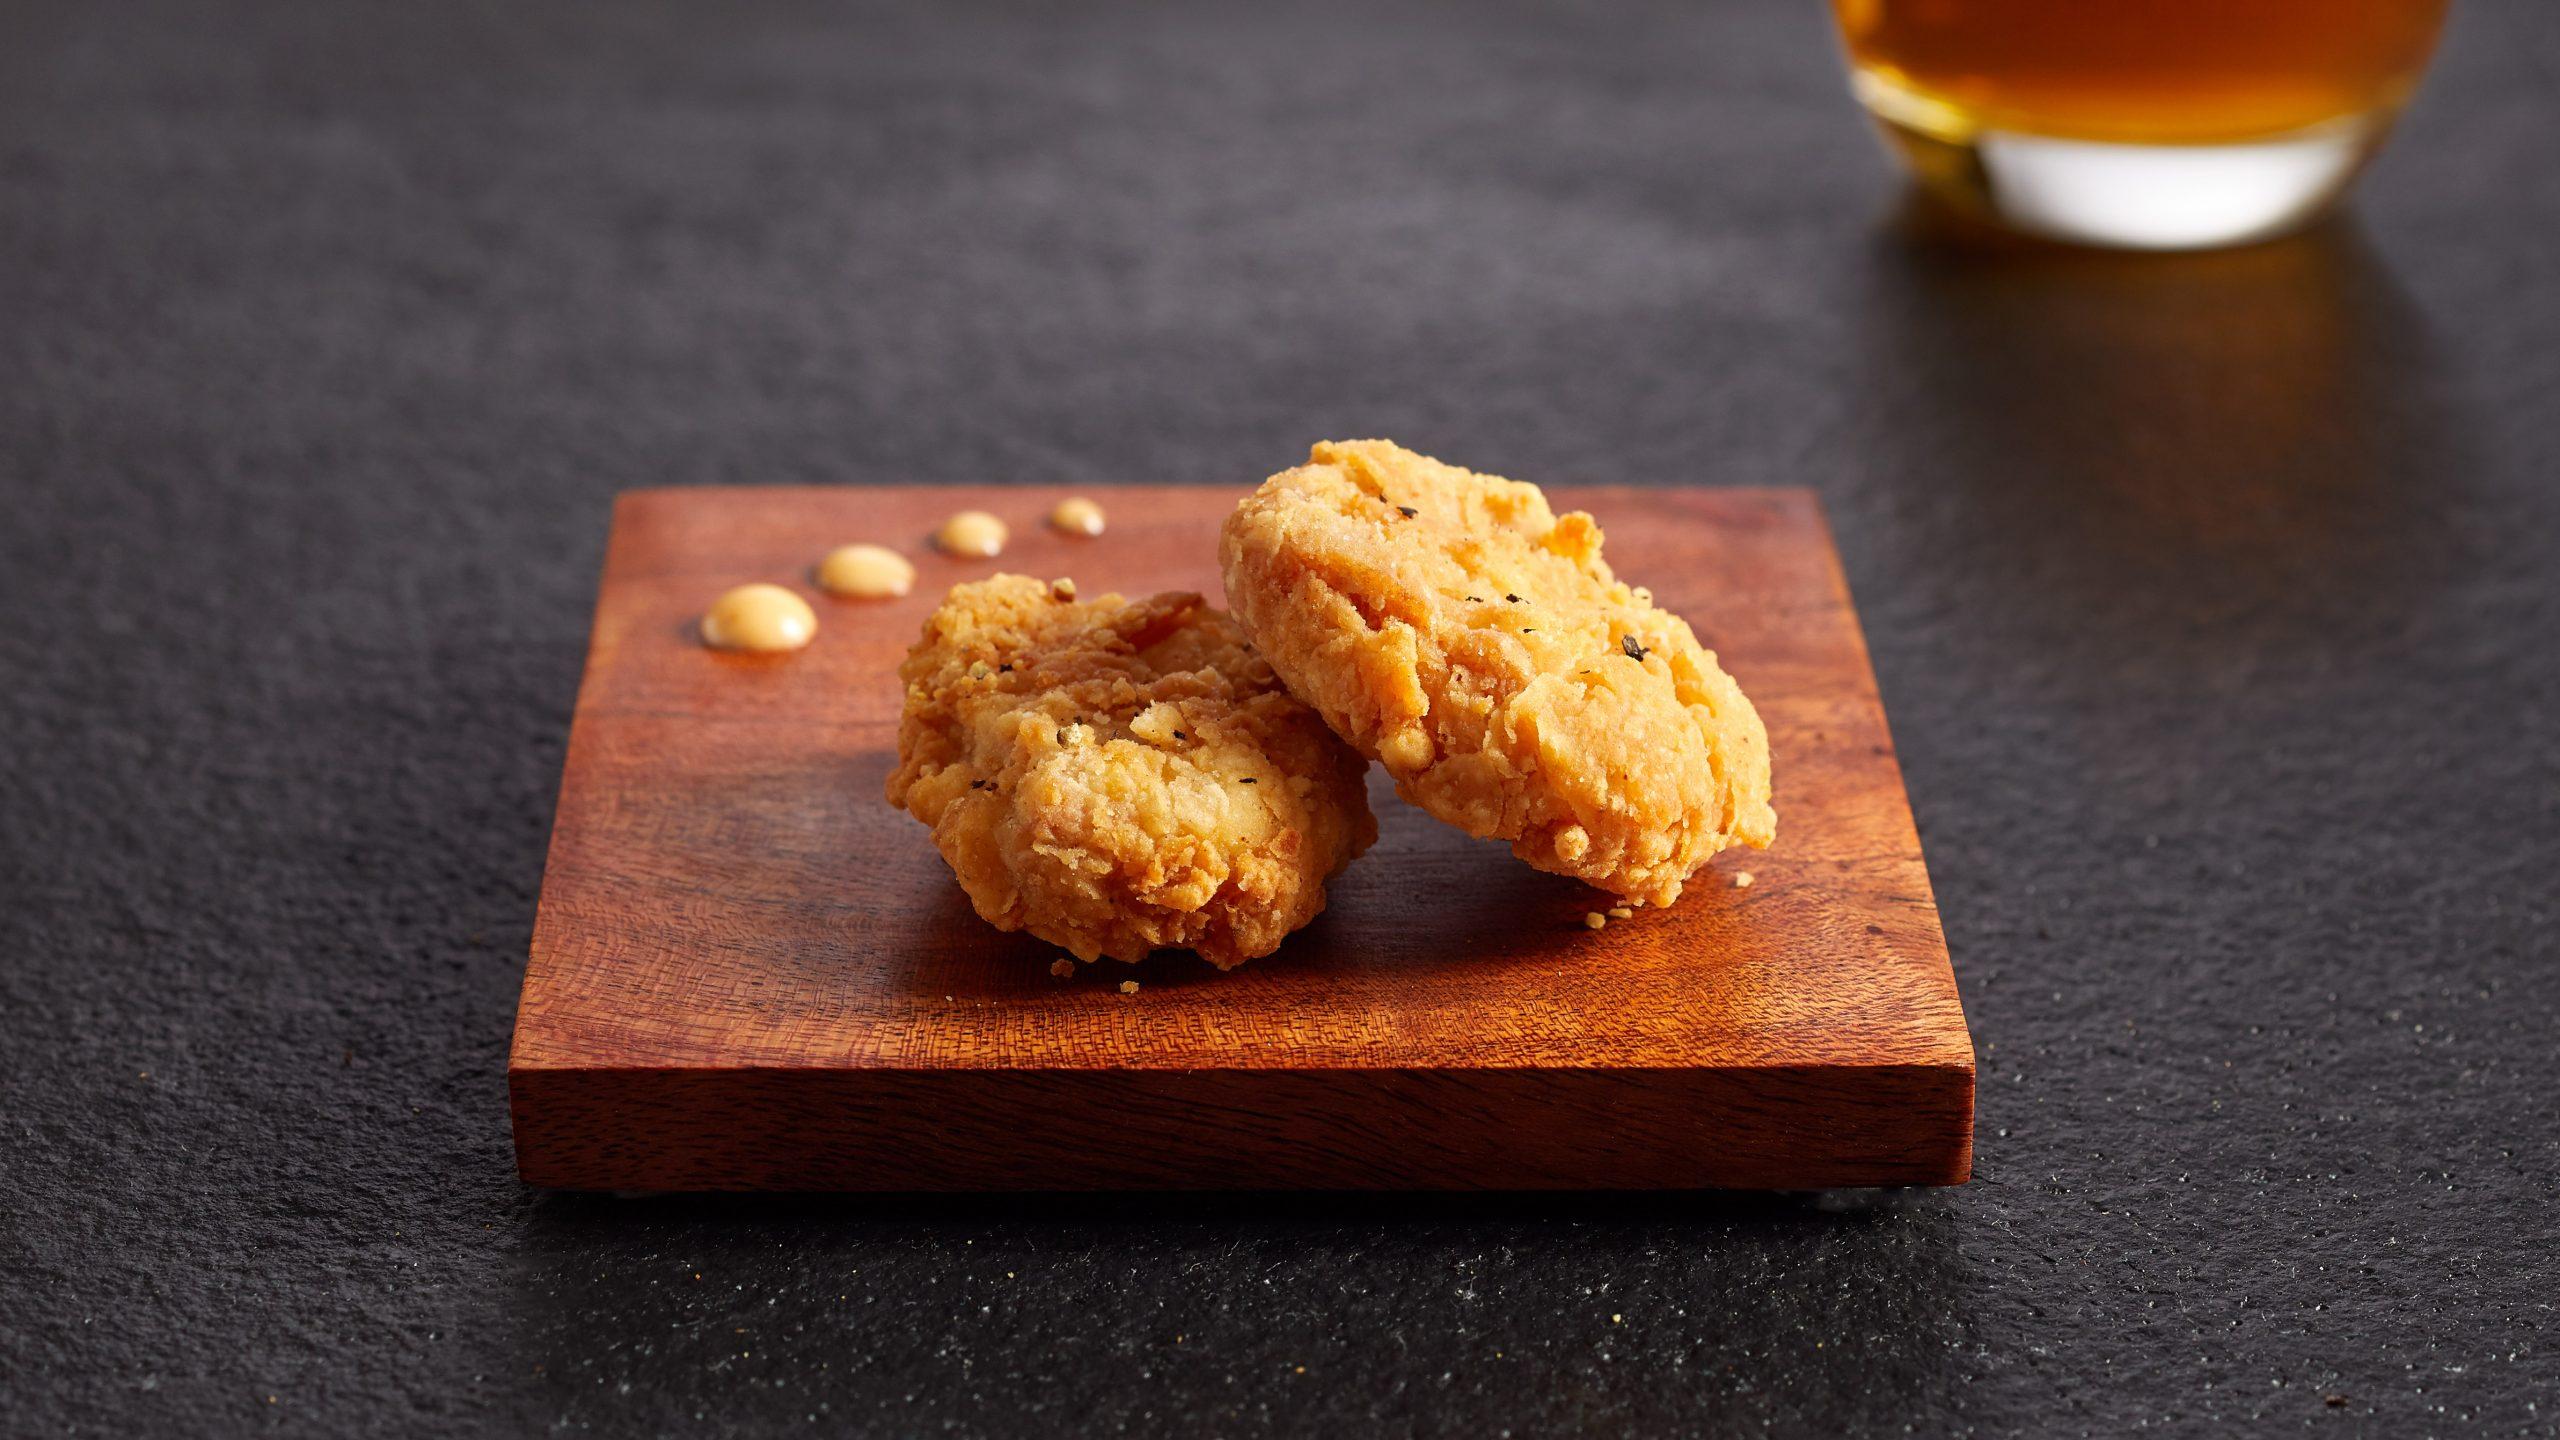 シンガポールで人工培養肉に初認可、チキンナゲット販売へ